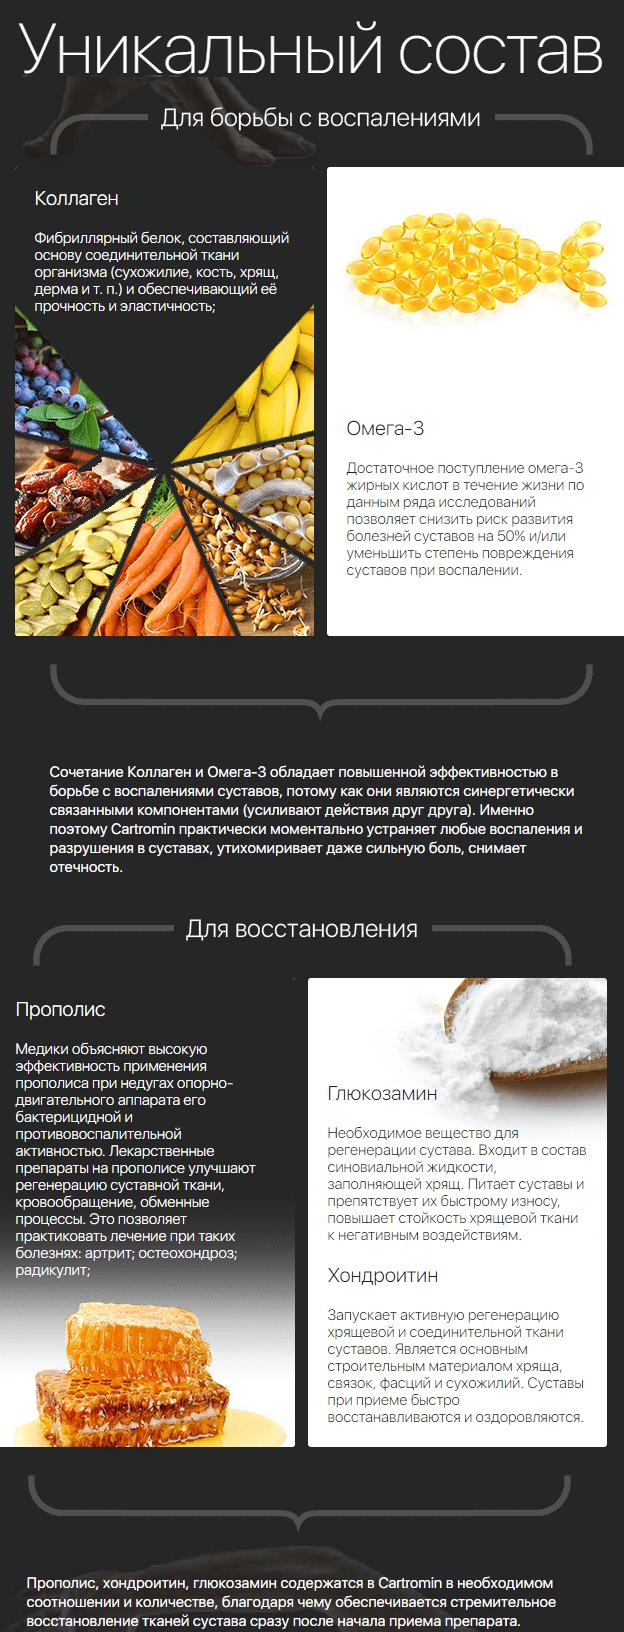 состав Картромина